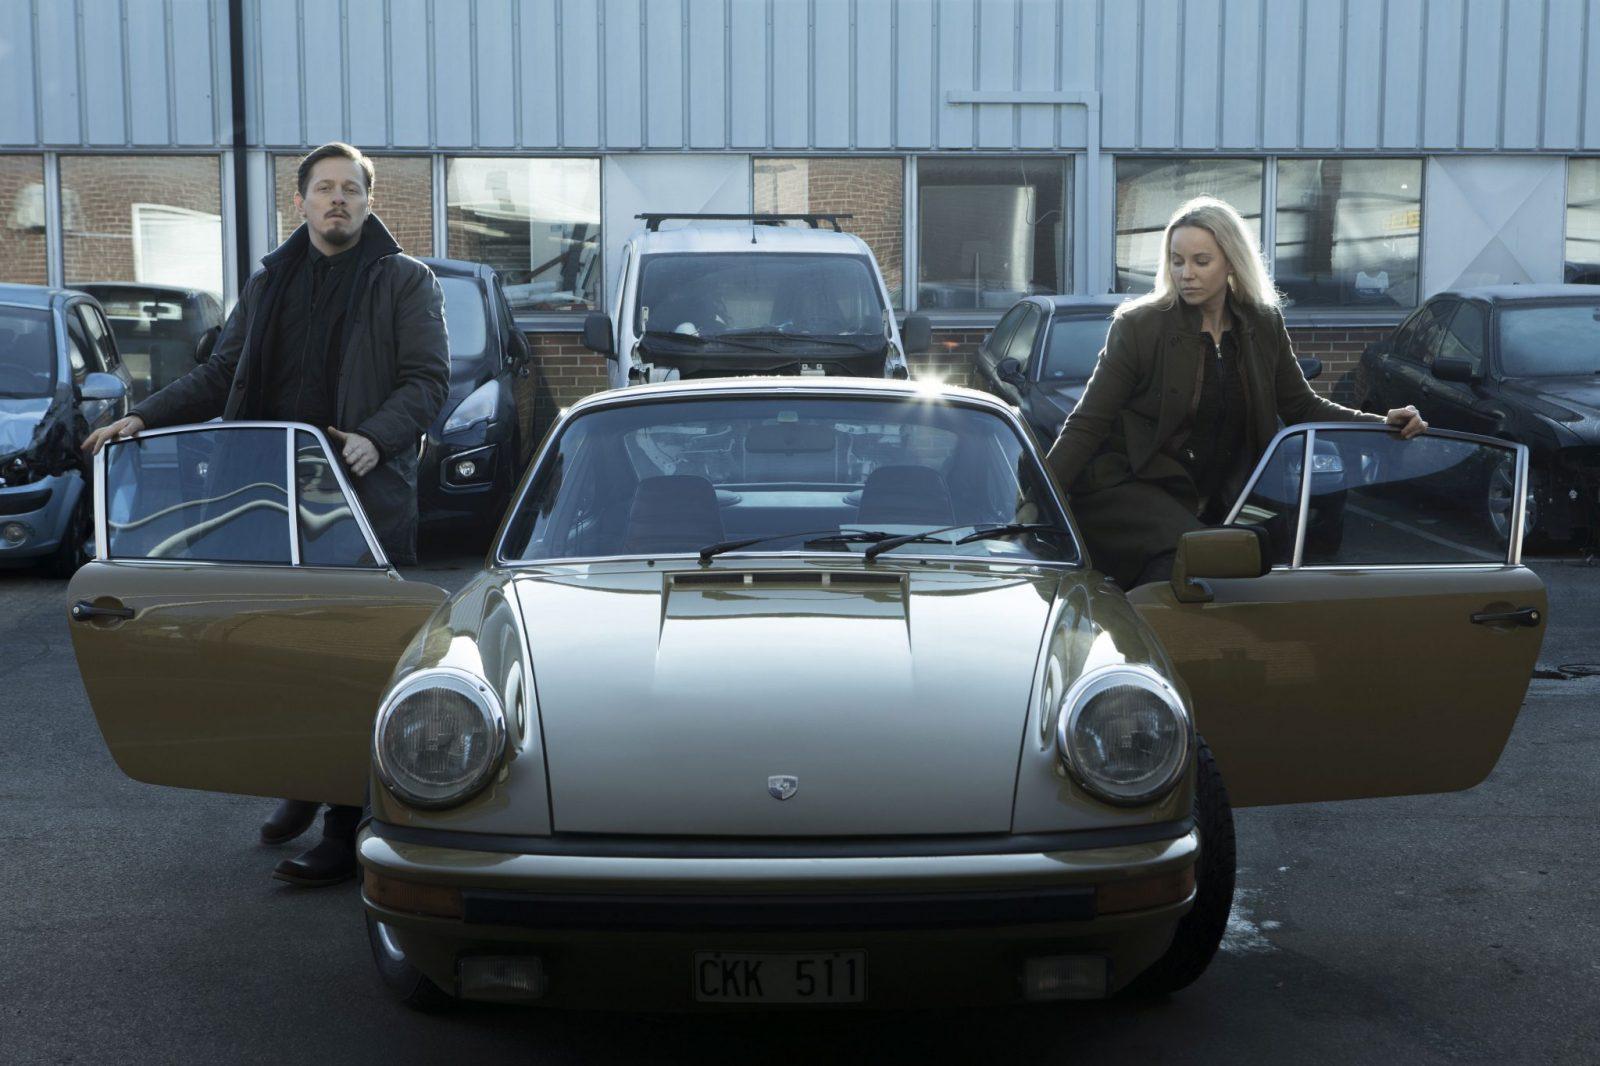 Die Bruecke 4 - Thure Lindhardt als Henrik Sabroe + Porsche 911 G+ Sofia Helin als Saga Noren